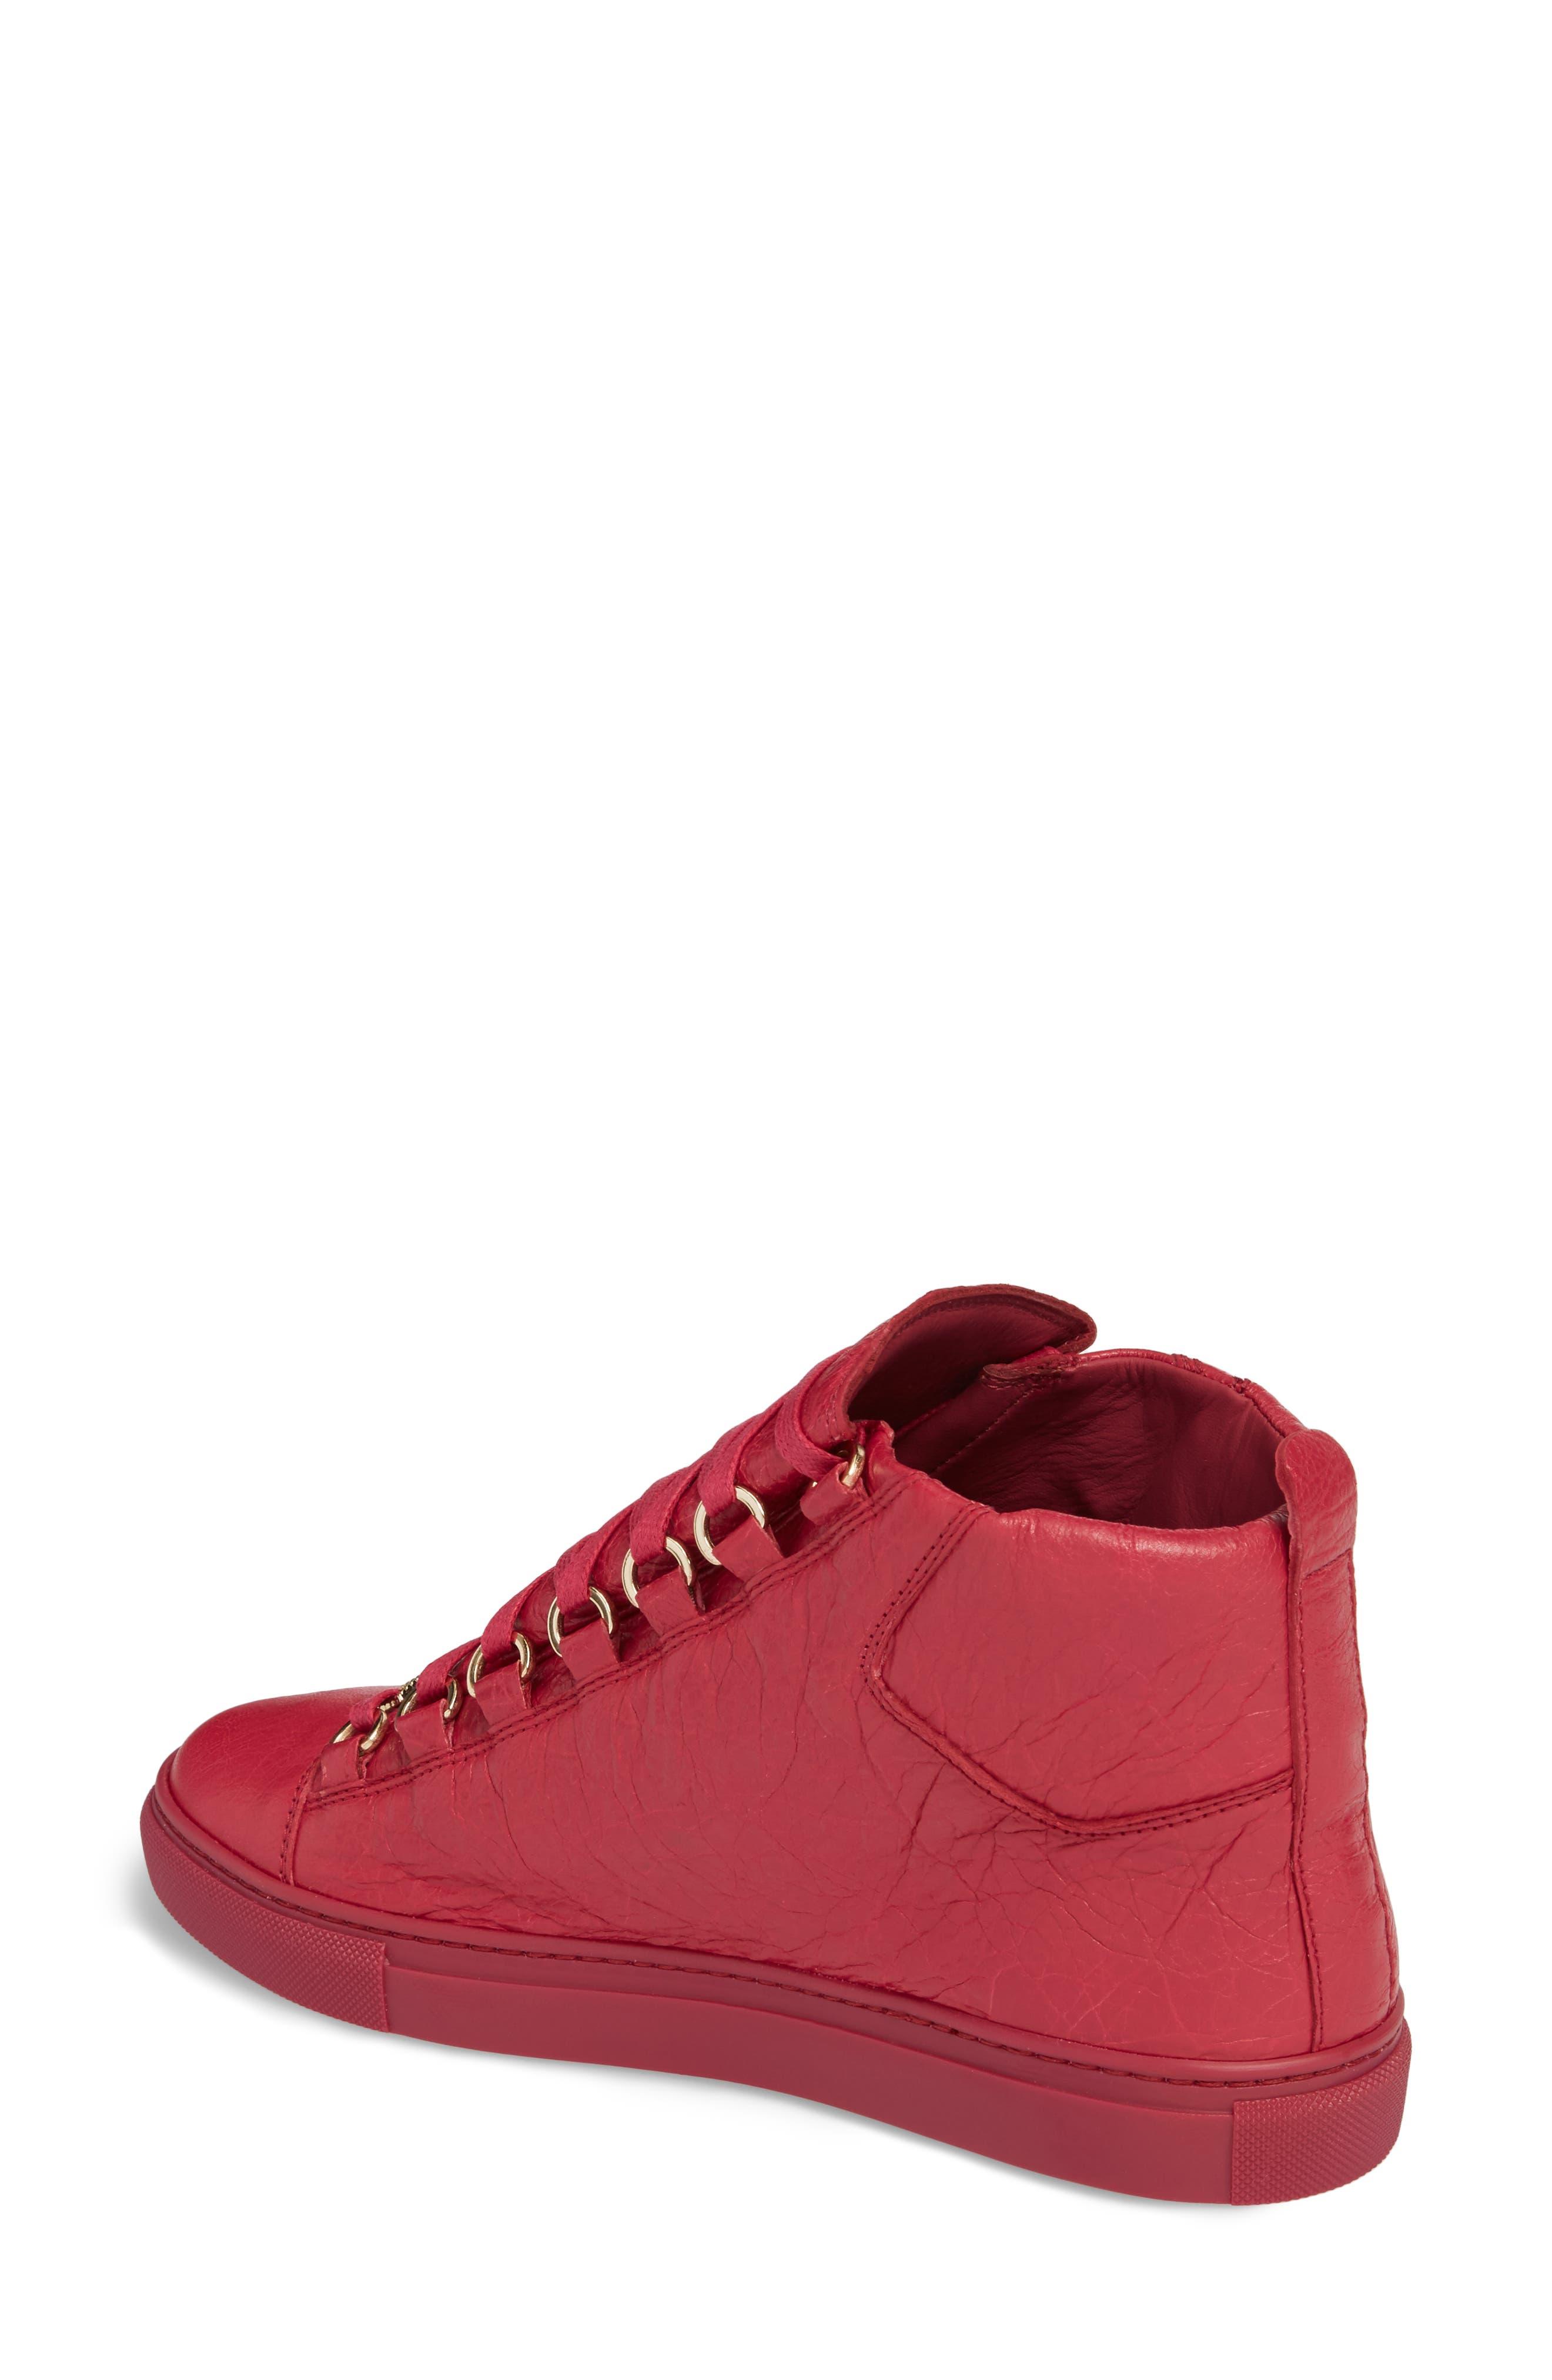 BALENCIAGA,                             High Top Sneaker,                             Alternate thumbnail 2, color,                             600